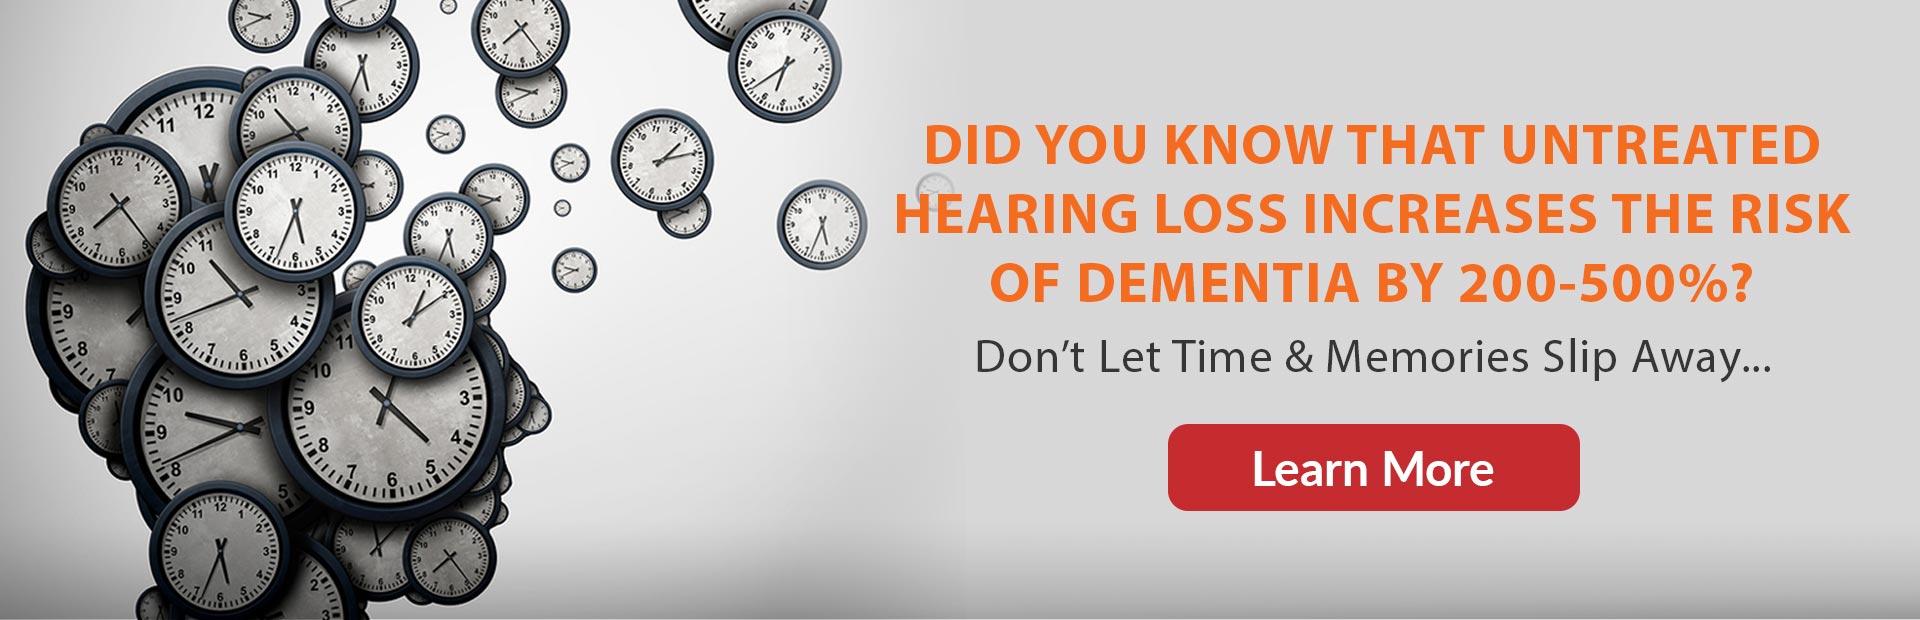 sherman oaks ca hearing loss & dementia